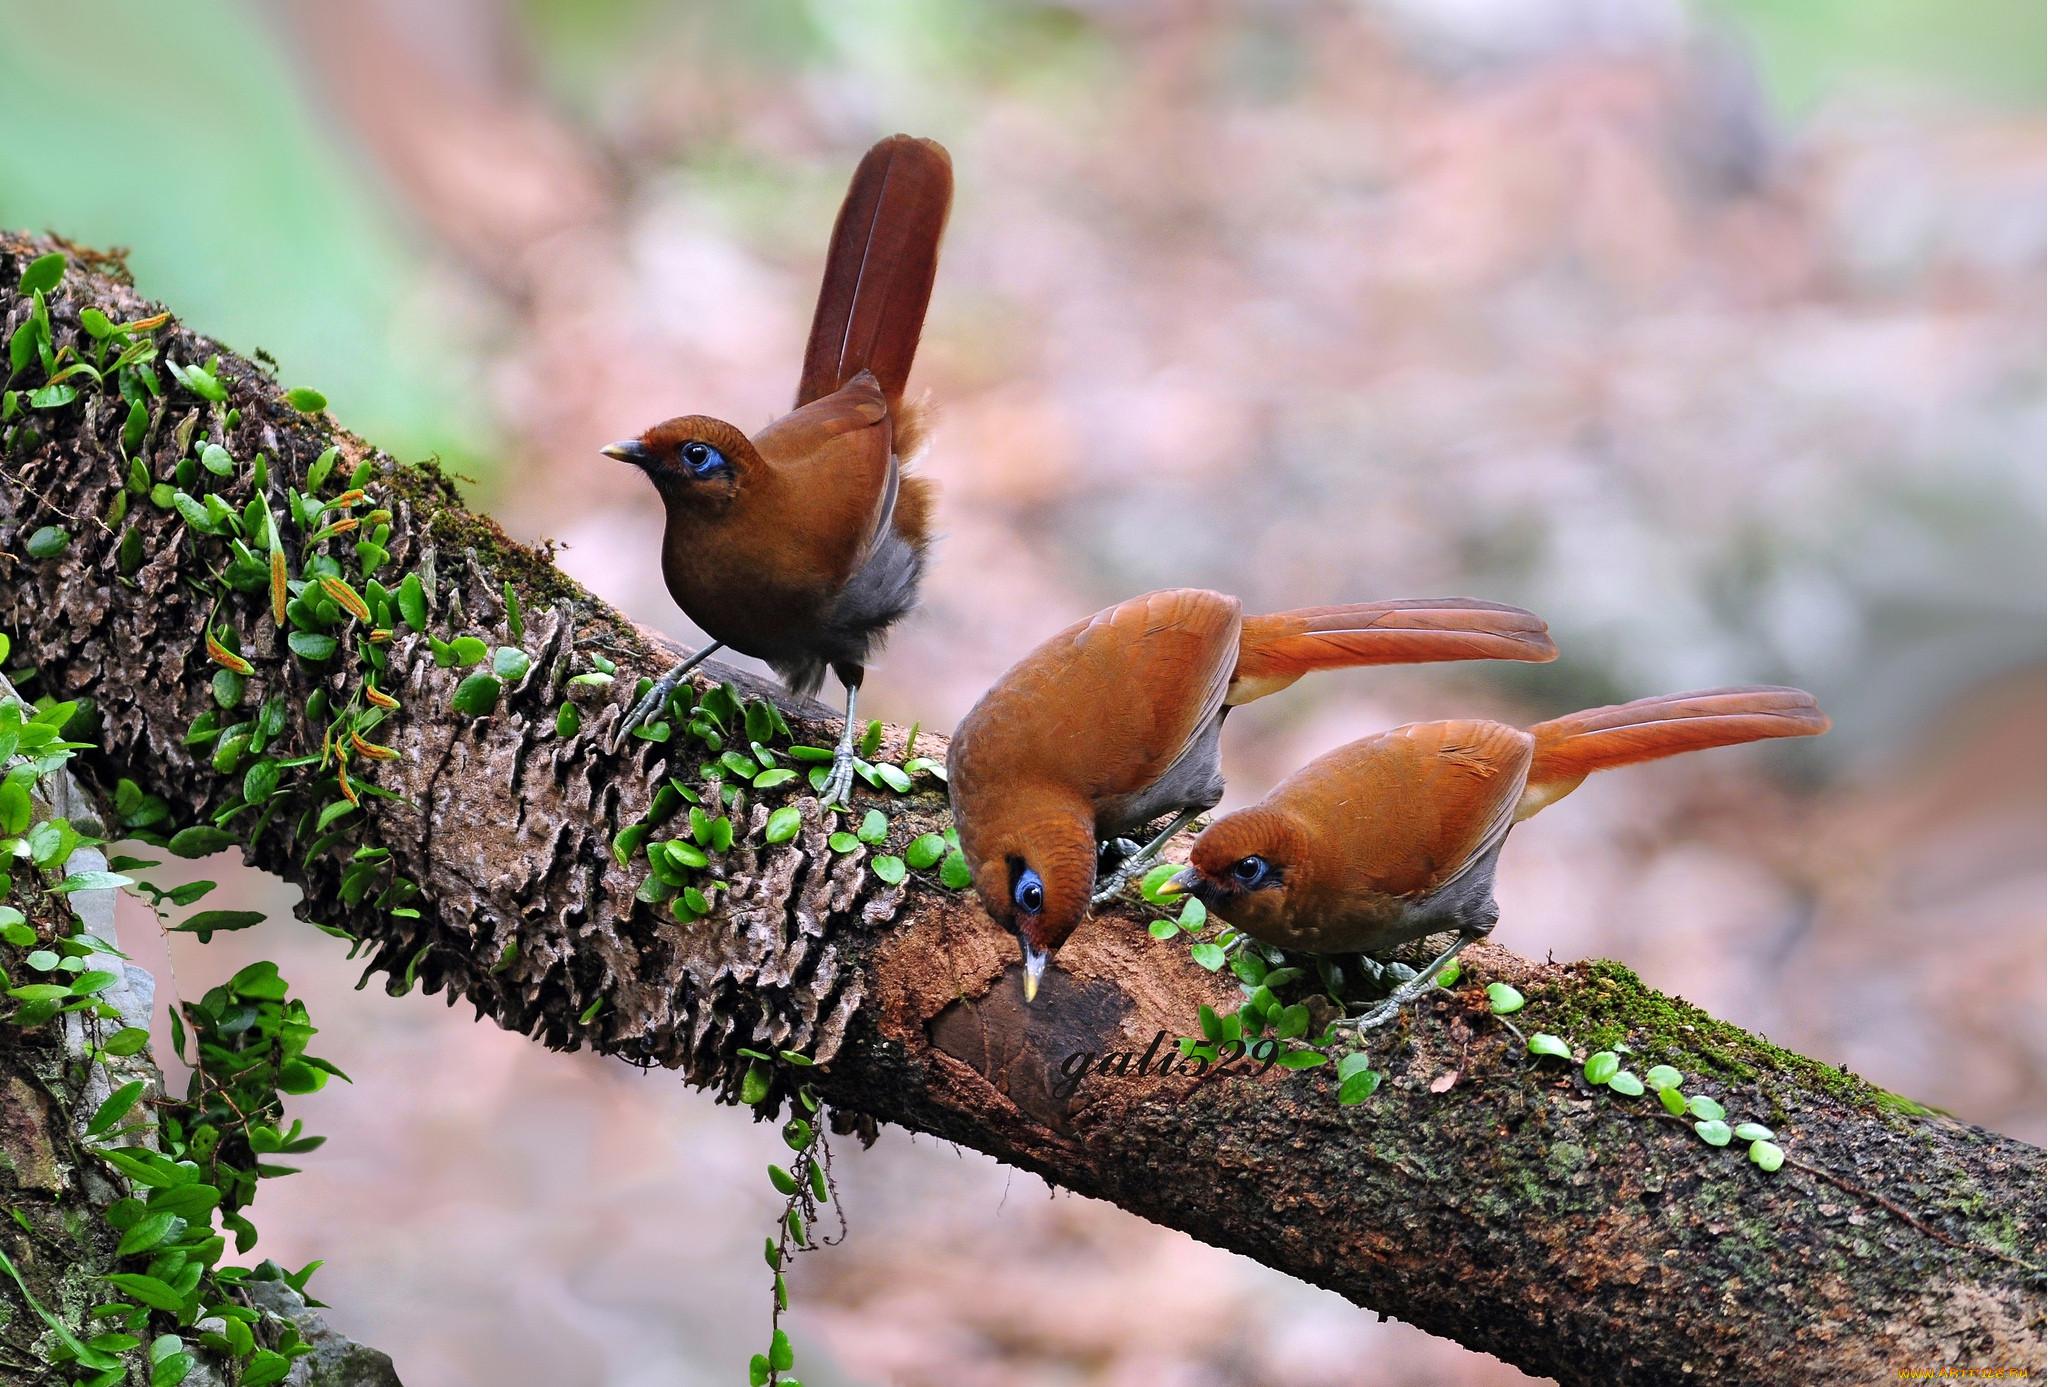 картинки леса животных птиц у кустарников двумя